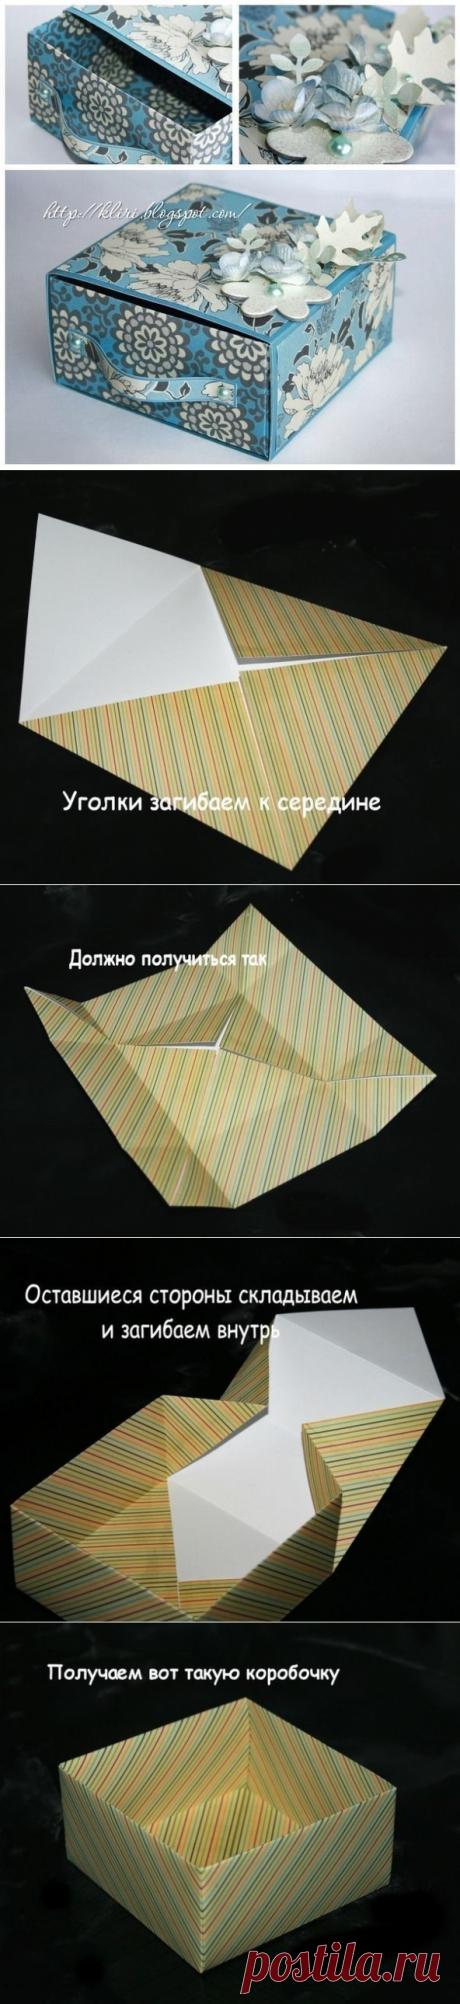 Как сложить коробочку из бумаги в технике оригами. МК